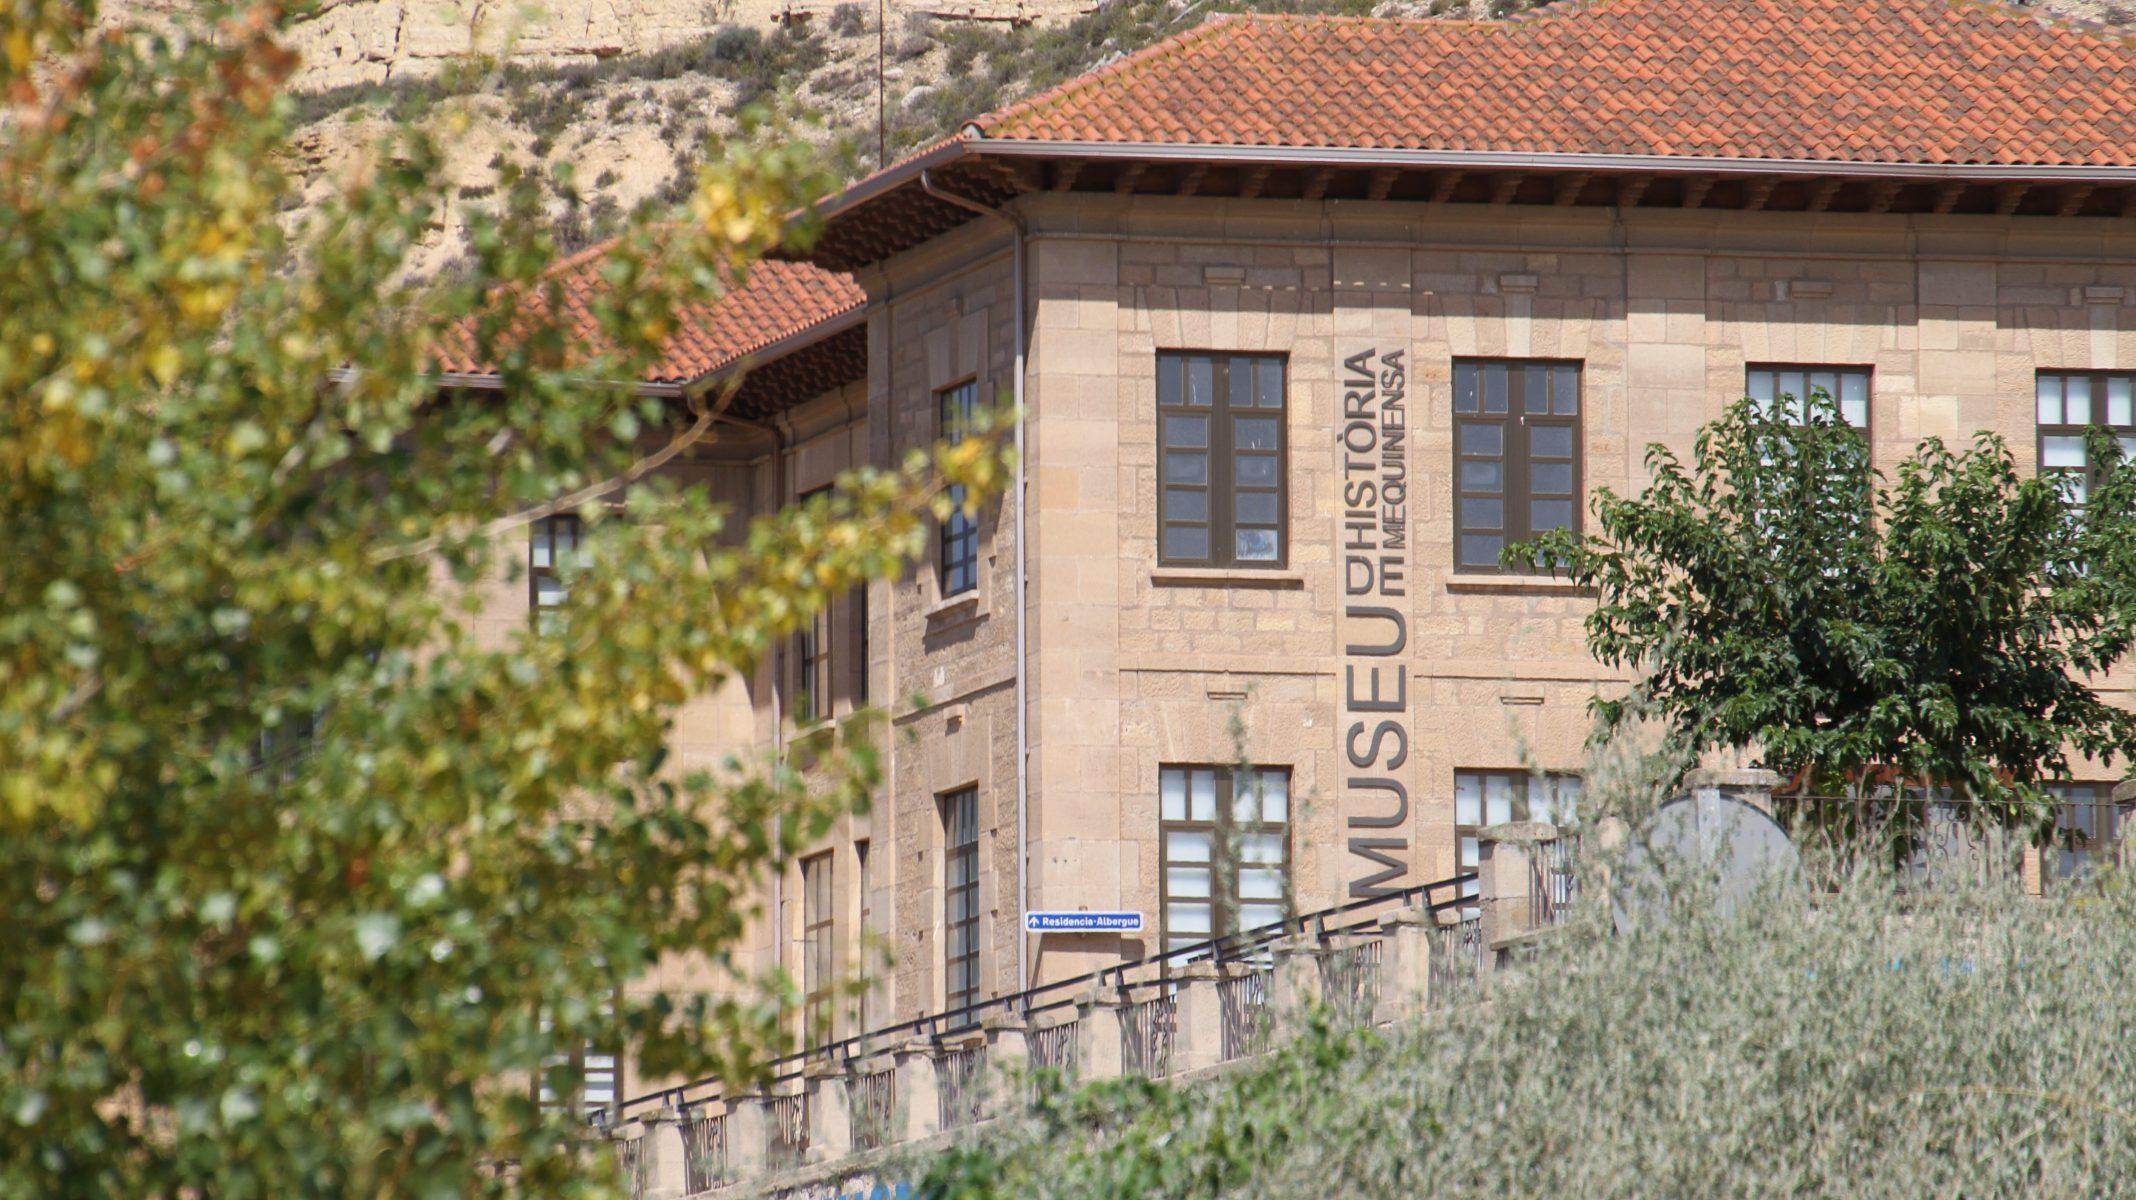 MUSEOS-DE-MEQUINENZA-e1526460184546